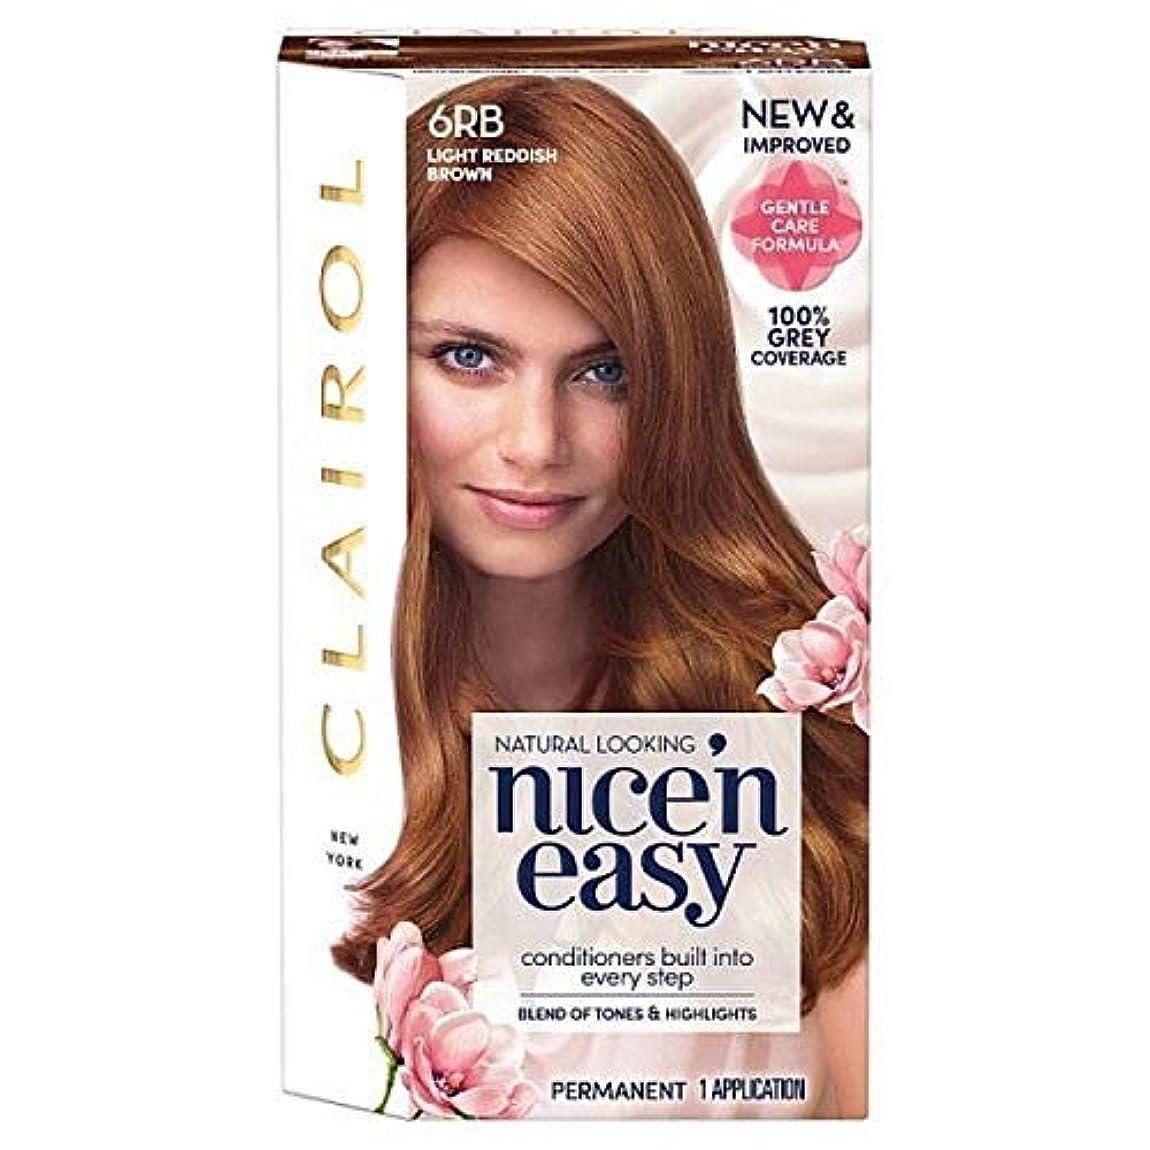 認可社会ベスビオ山[Nice'n Easy] 簡単6Rb光赤褐色Nice'N - Nice'n Easy 6Rb Light Reddish Brown [並行輸入品]